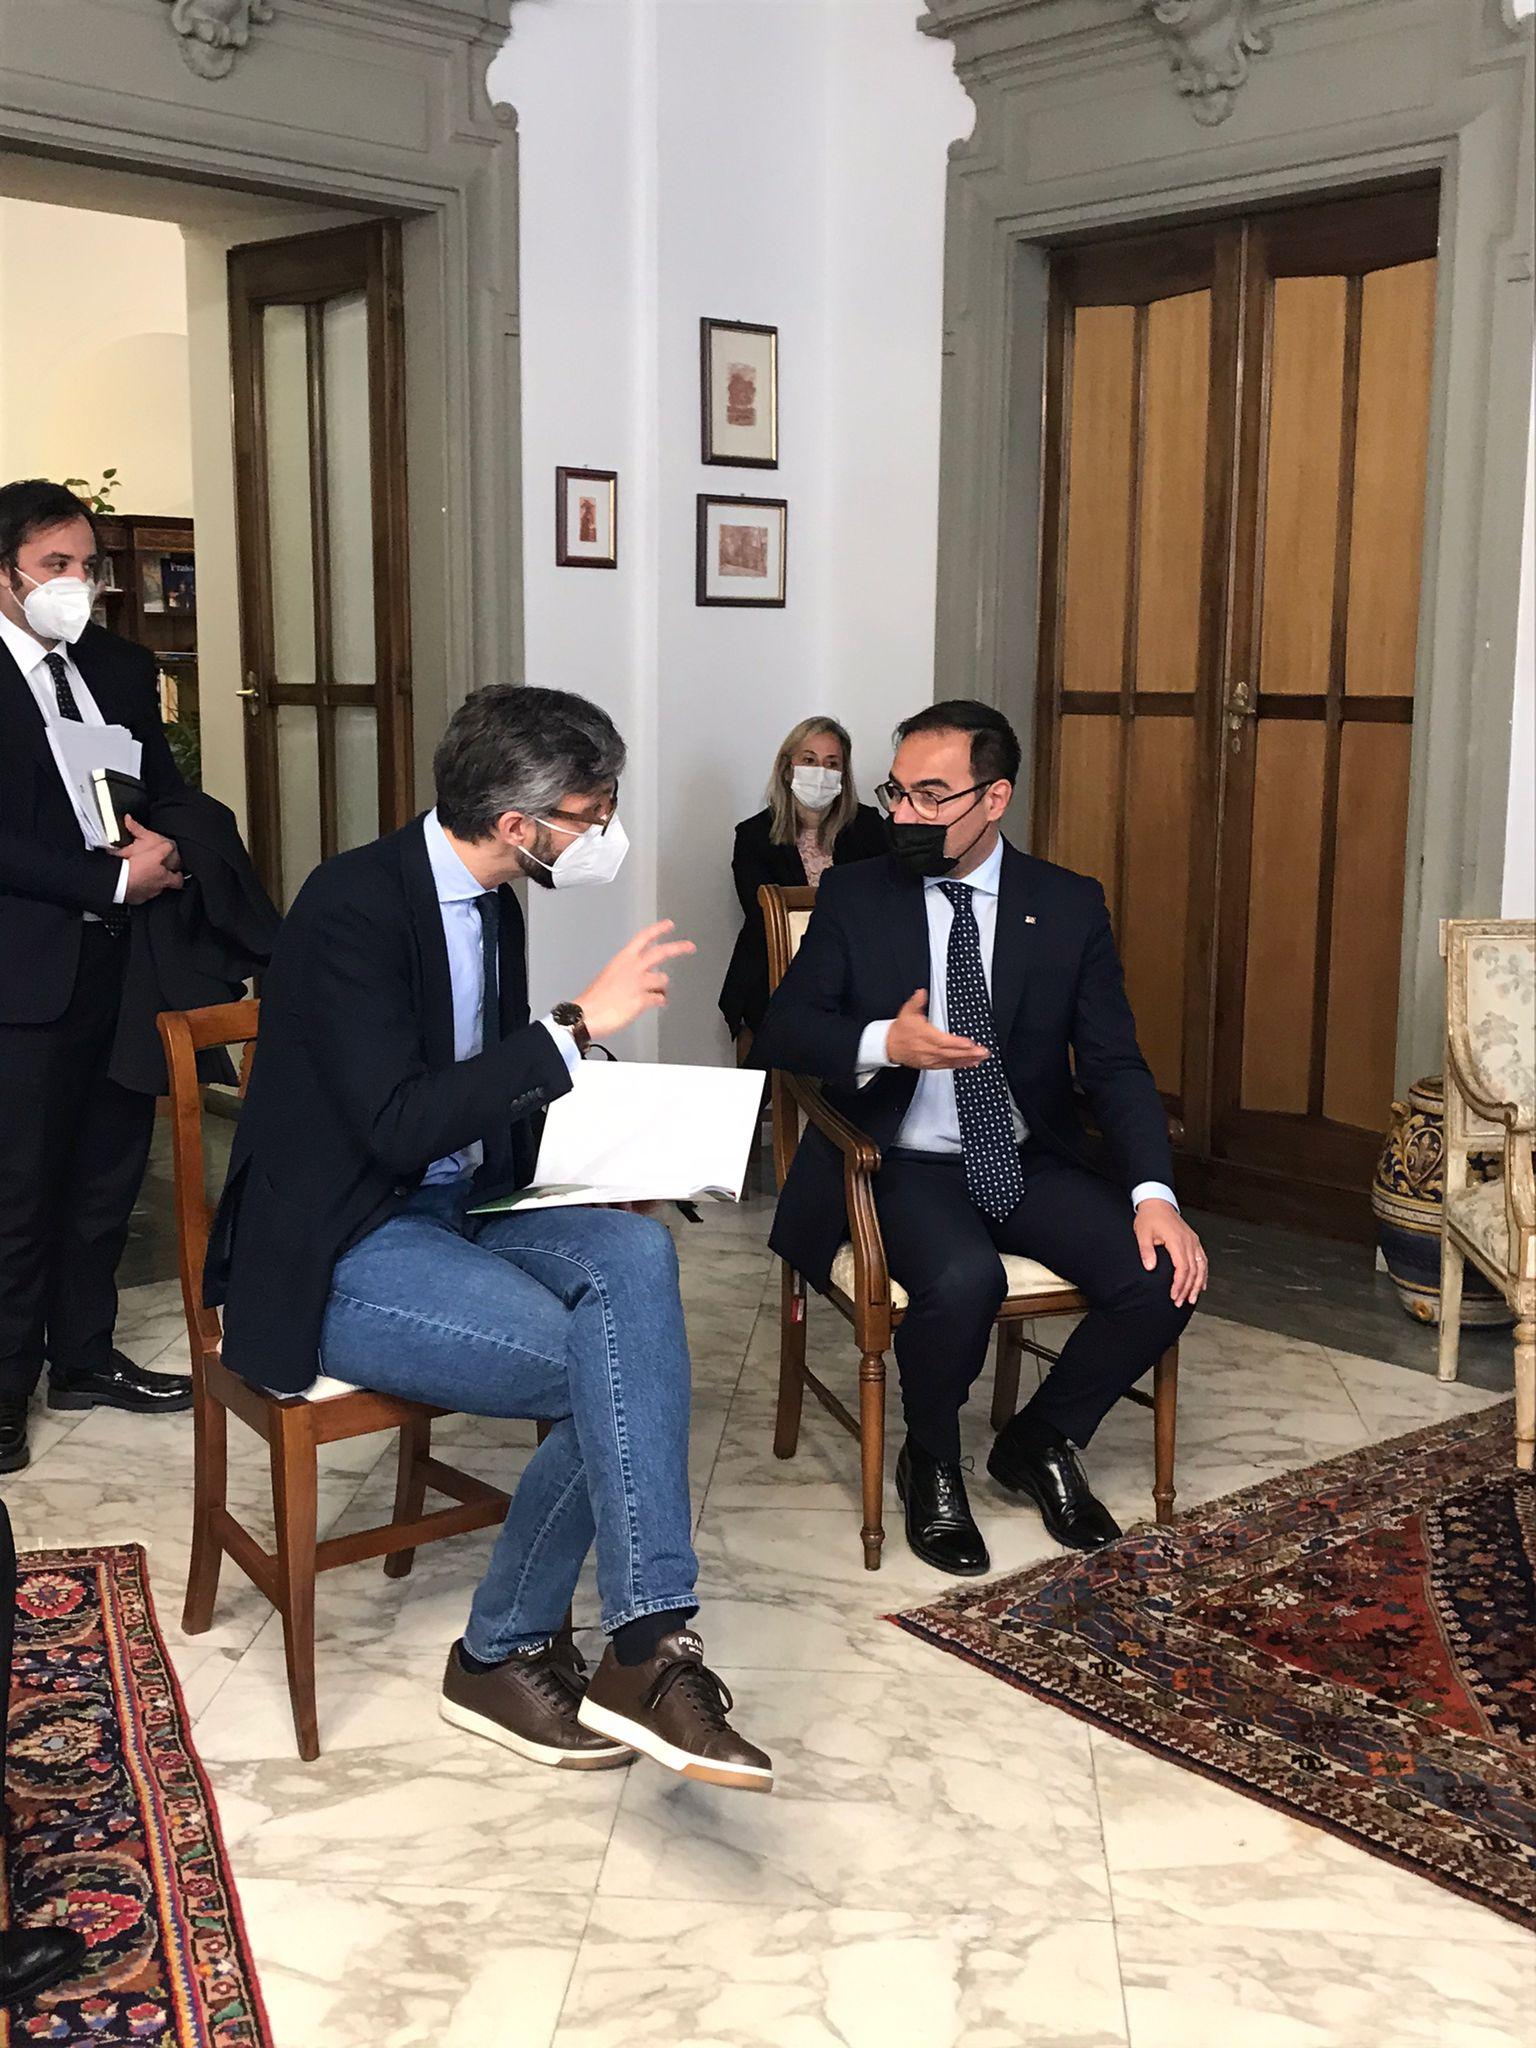 PUGGELLI INCONTRA IL SOTTOSEGRETARIO ALL'ISTRUZIONE  ....